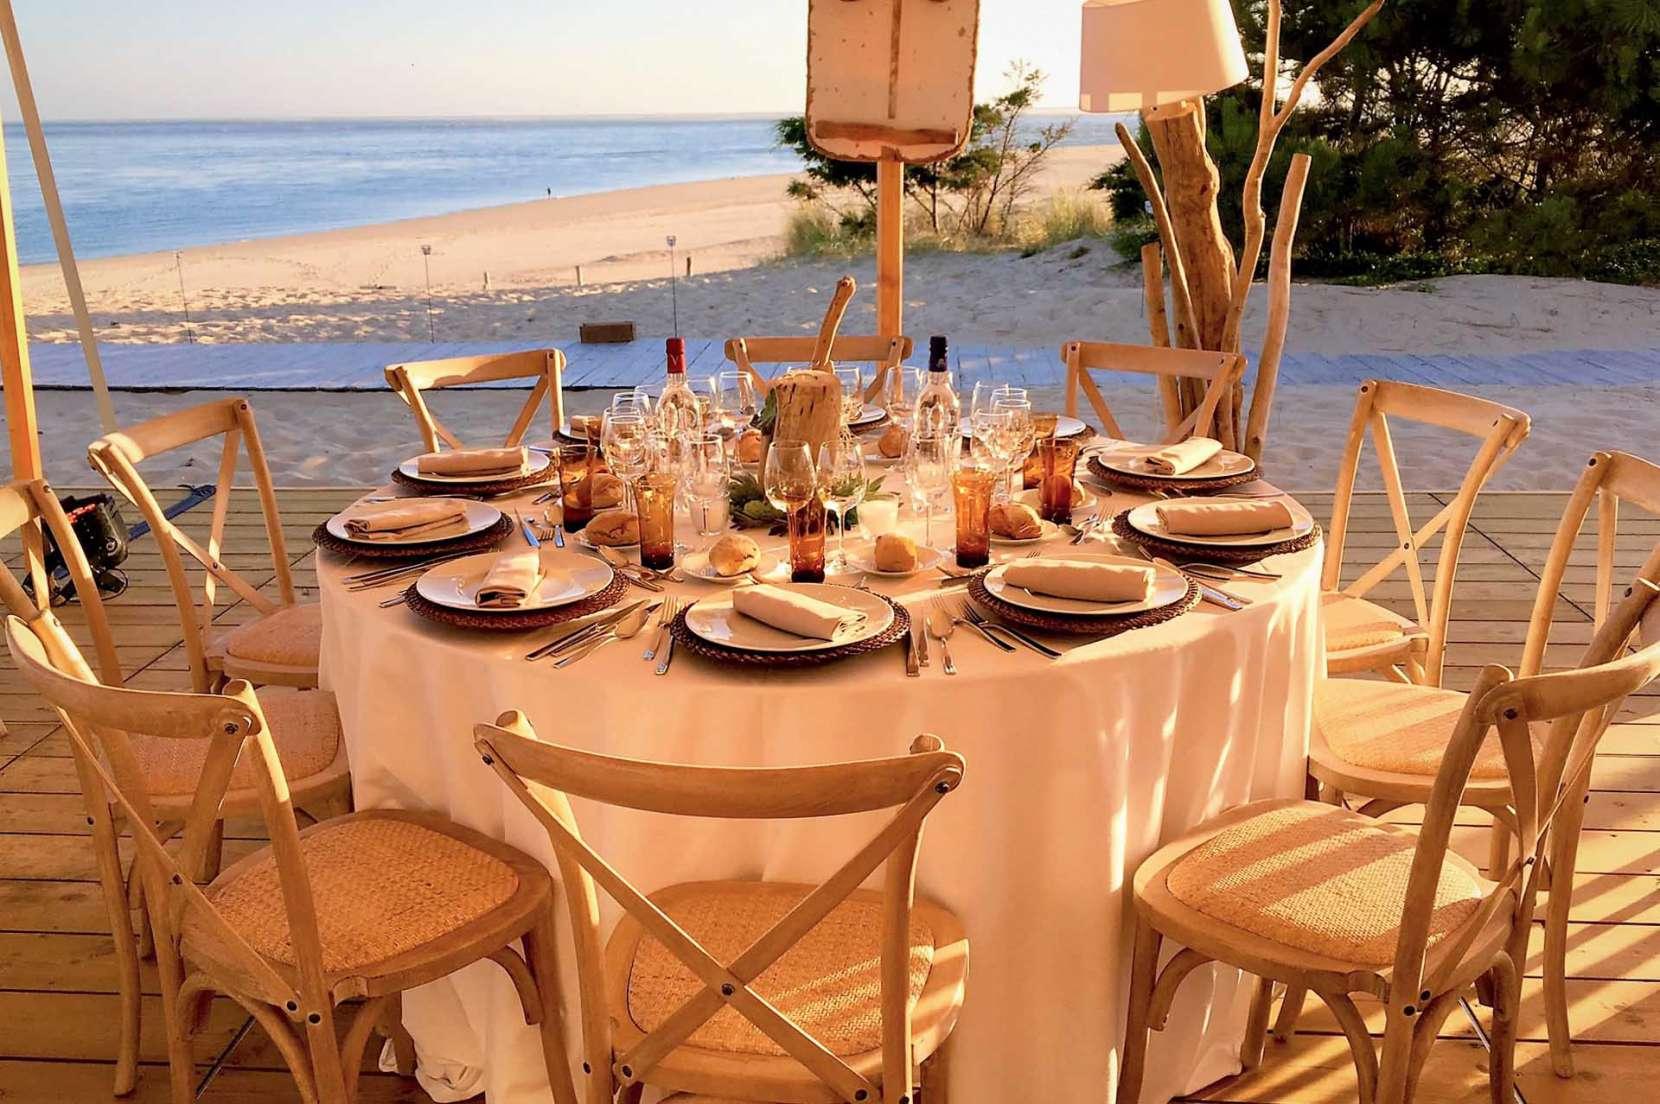 Diner-sur-la-plage-Cabane-Bartherotte-Cap-Ferret-1660x1104.jpg